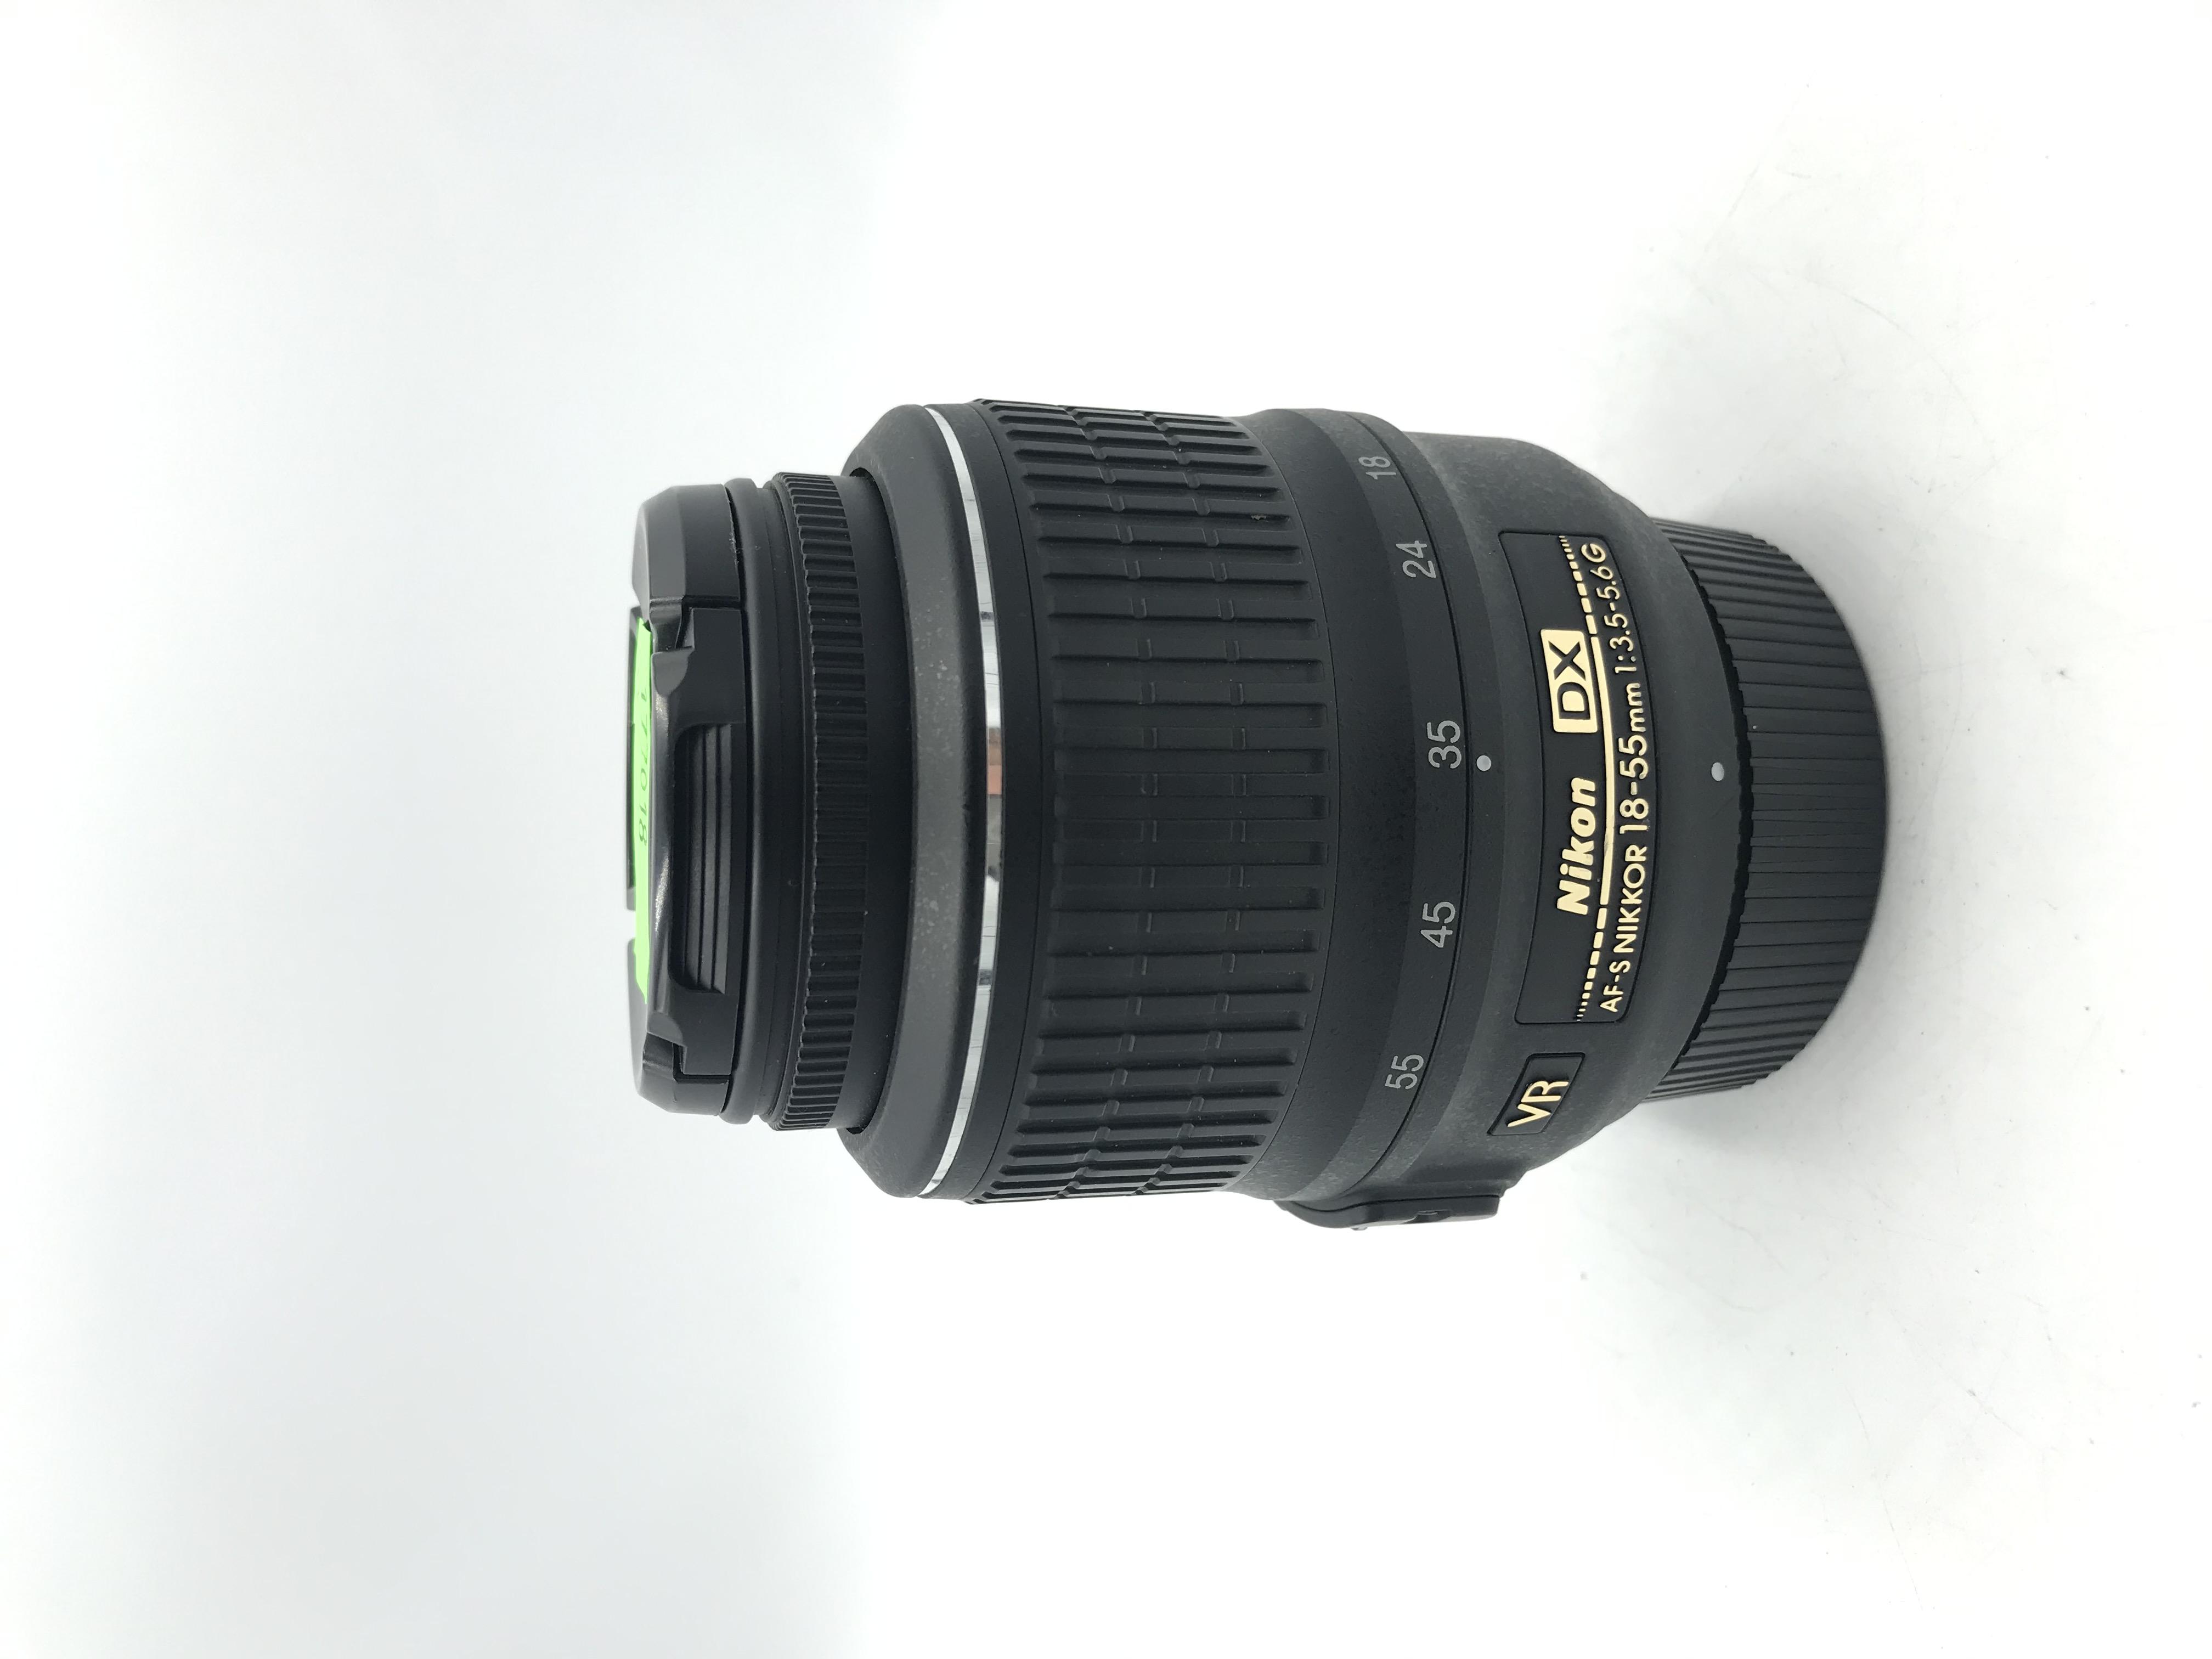 USED Nikon 18-55mm F3.5-5.6 AF-S DX VR